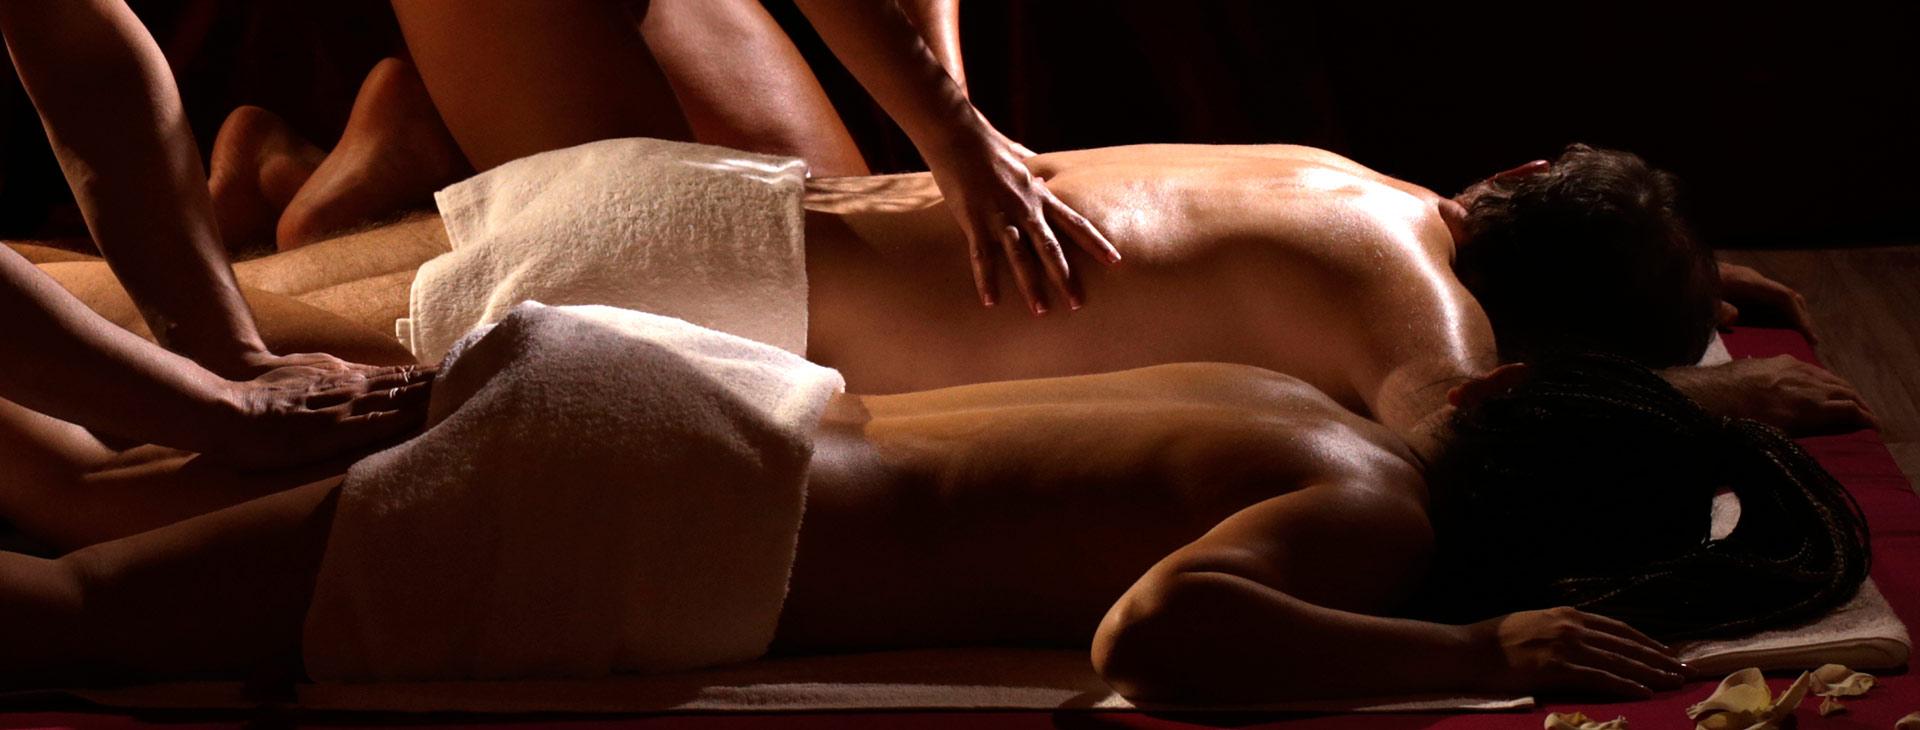 Эротический массаж для семейной пары